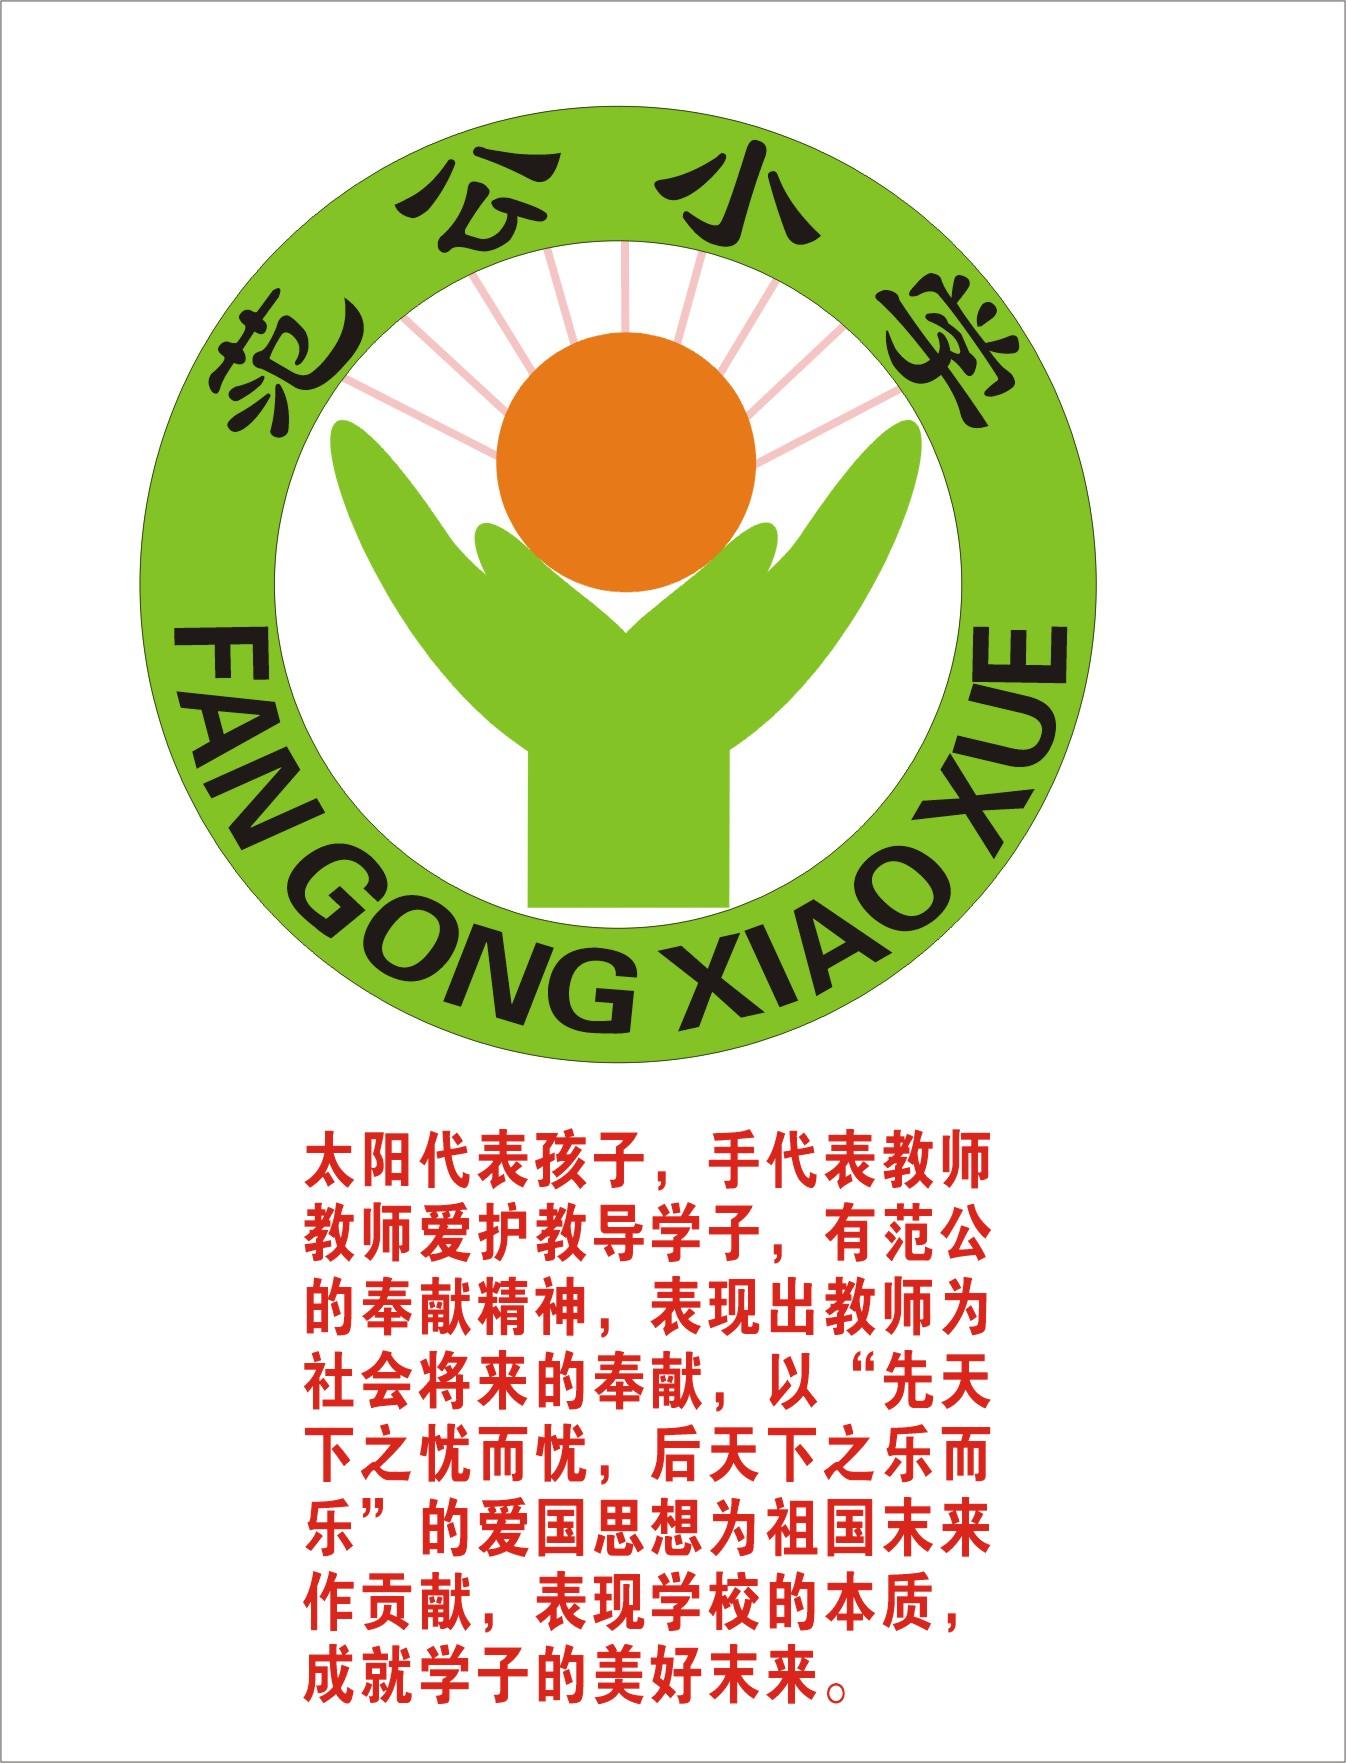 范公小学校徽设计